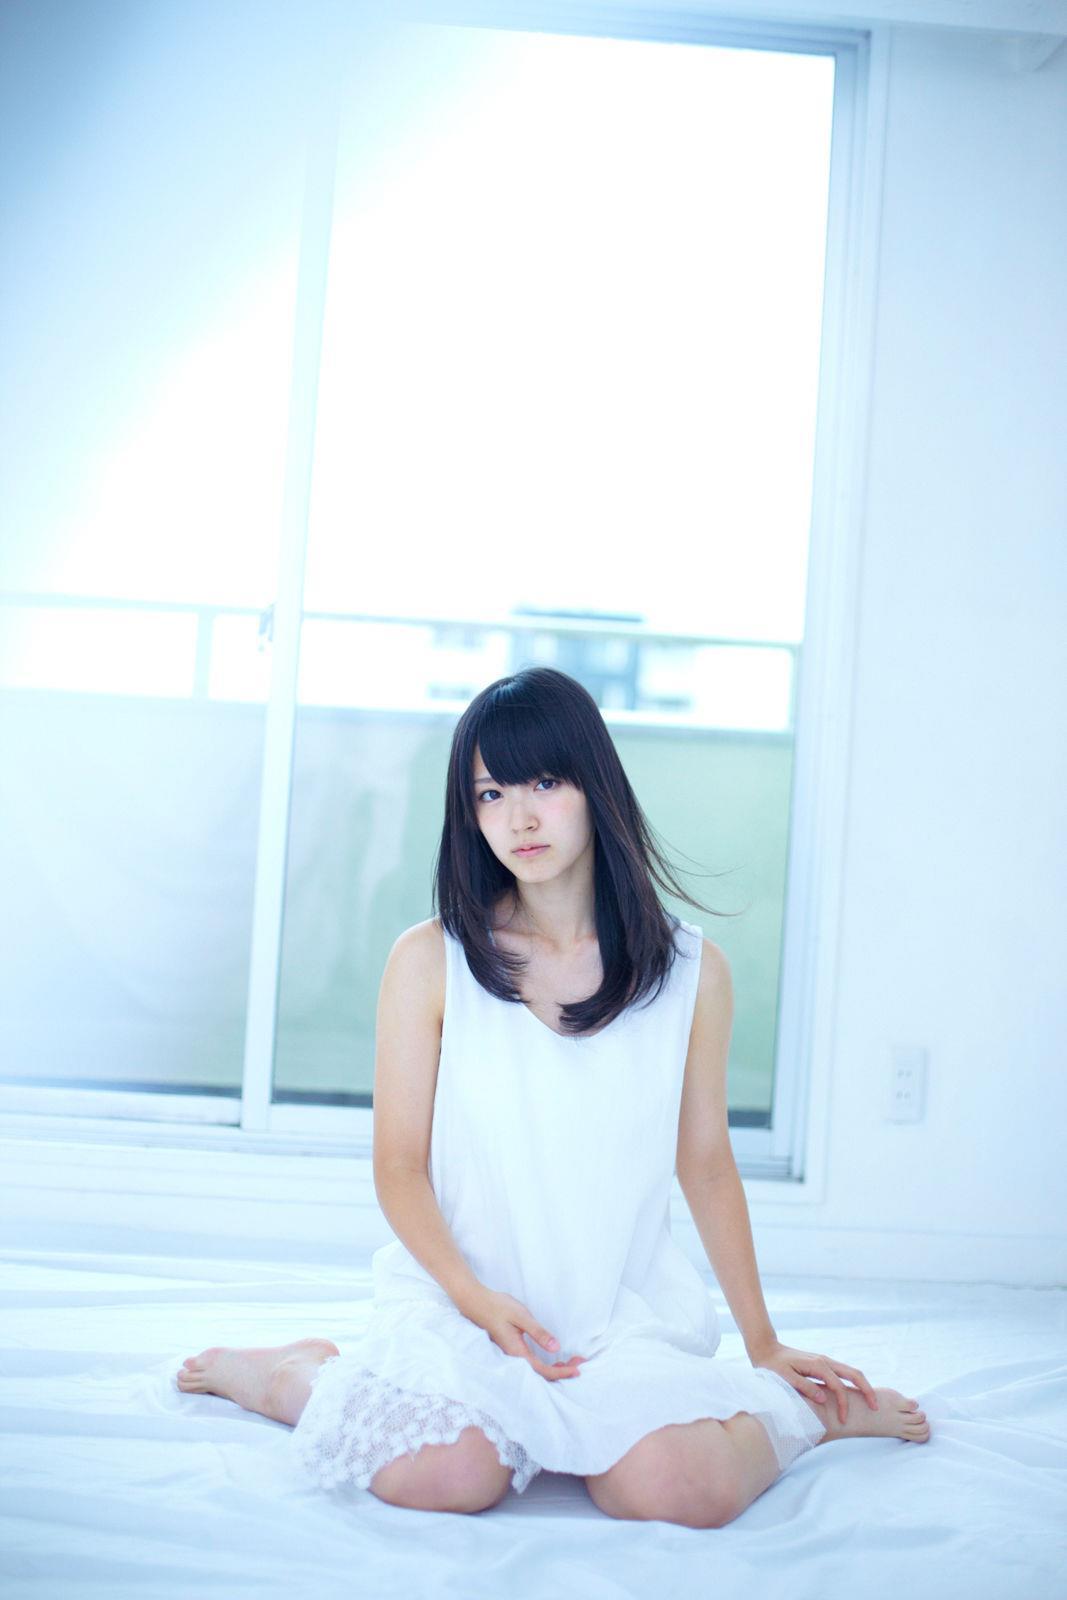 鈴木愛理(℃-ute) セクシー画像 31